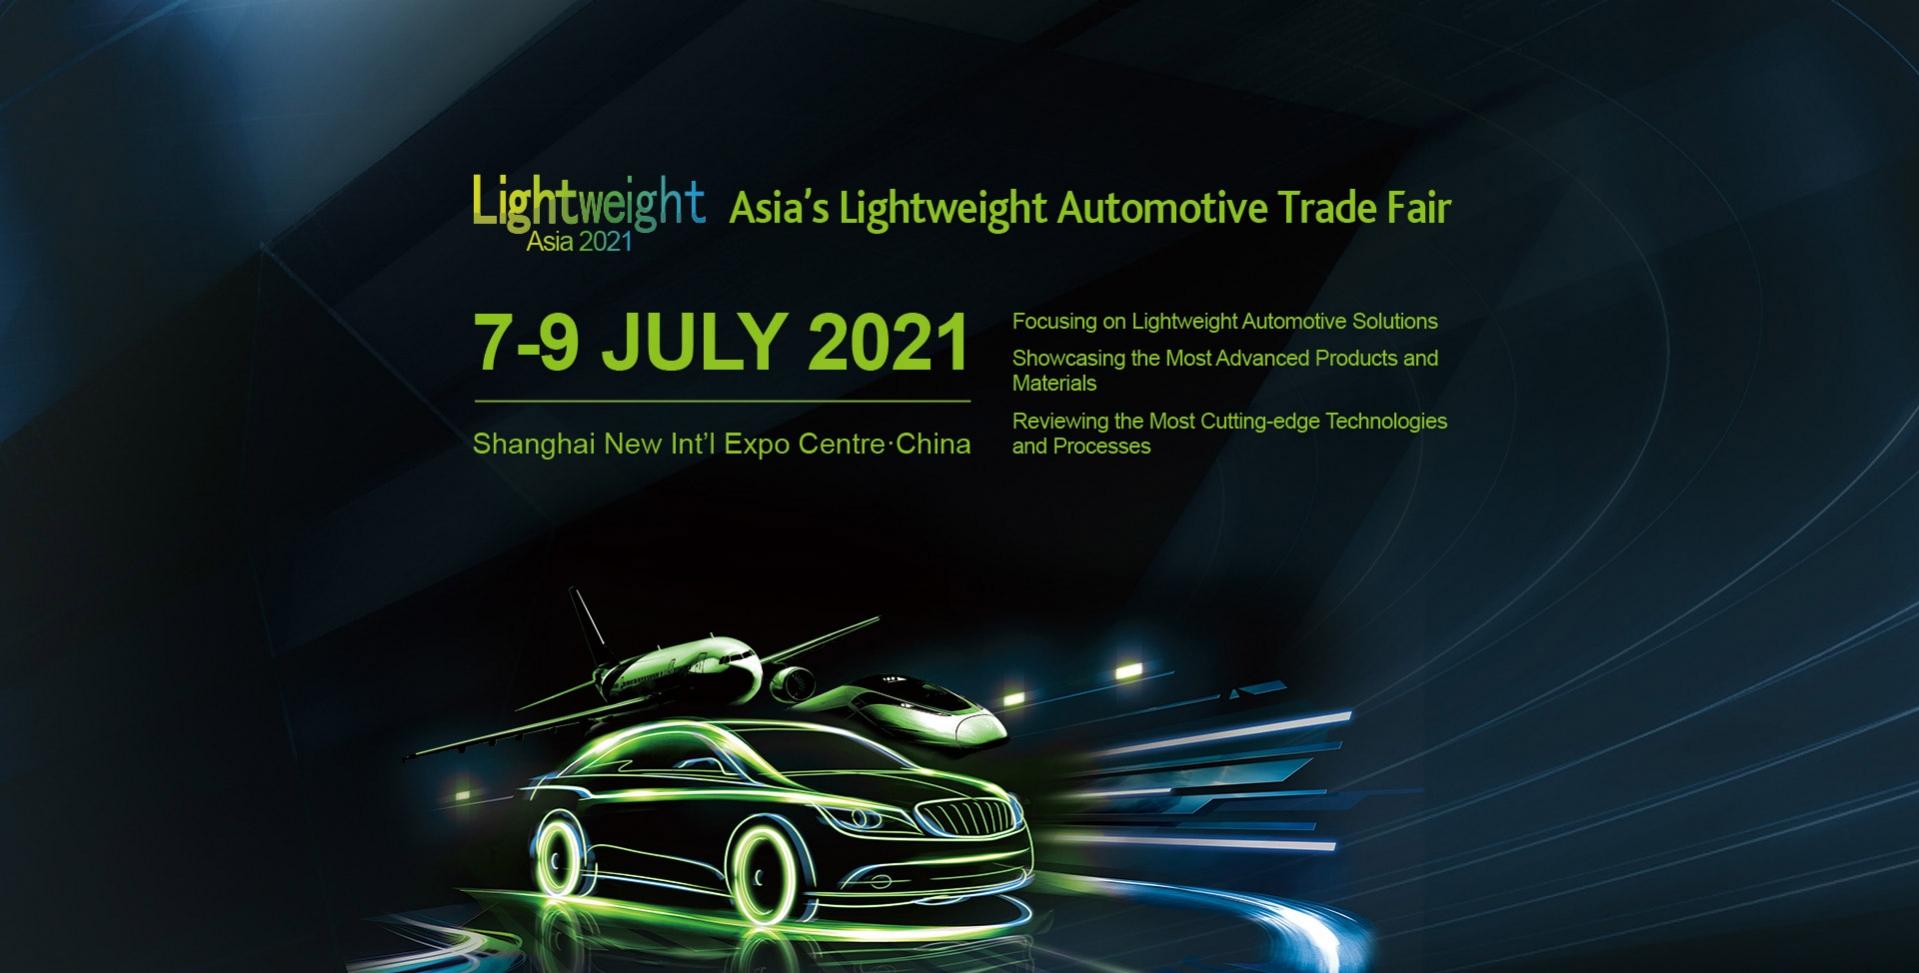 نمایشگاه بین المللی حمل و نقل خودروهای سبک آسیا چین شانگهای